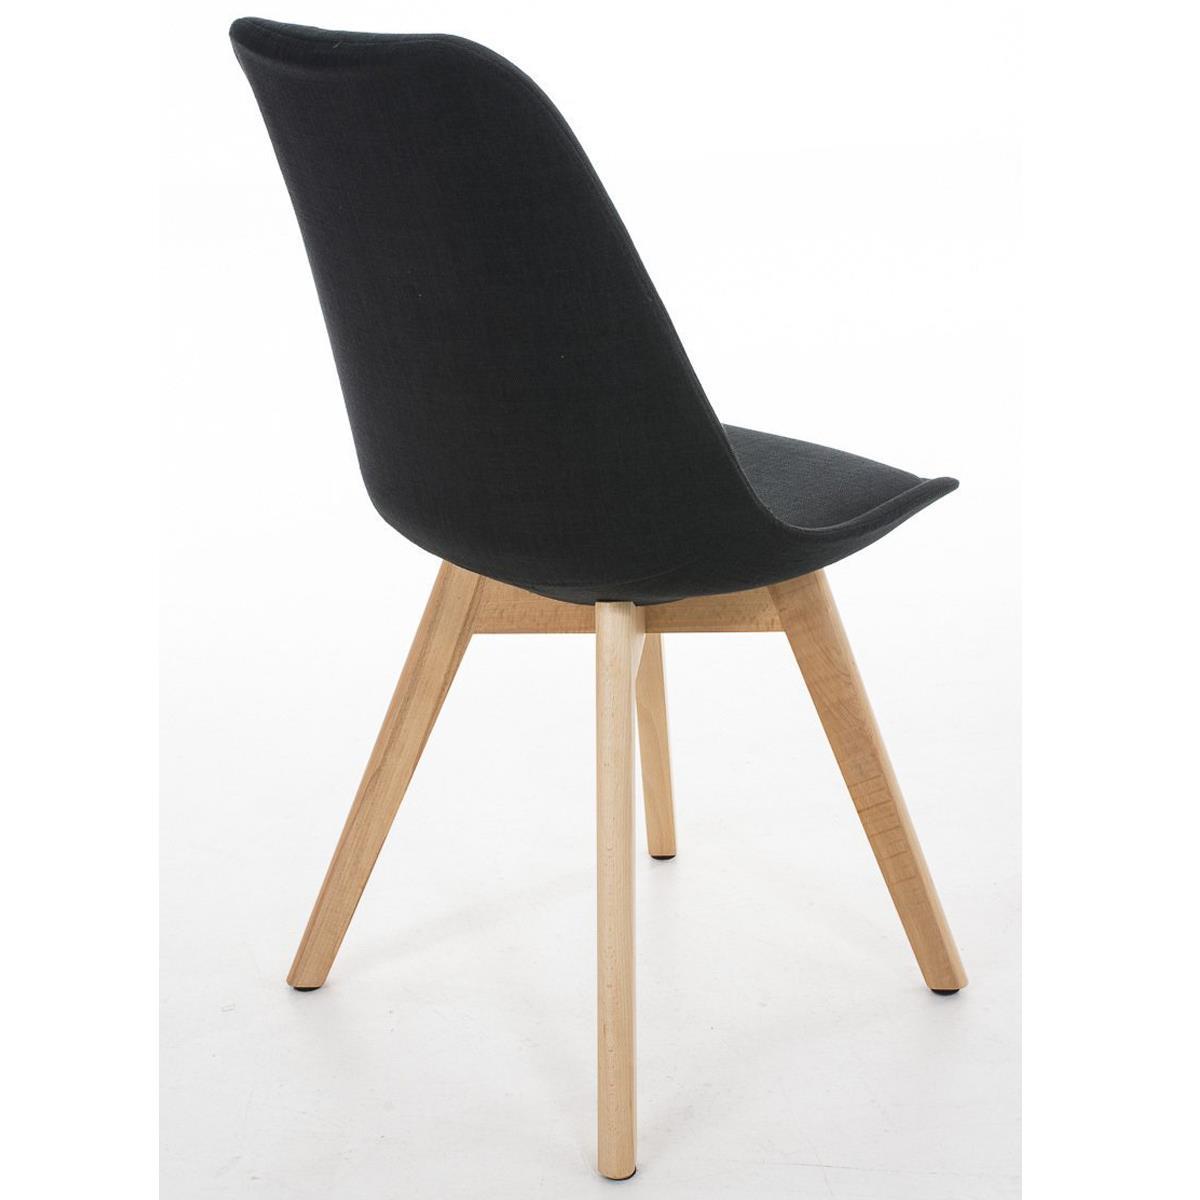 Conjunto de 6 sillas de comedor loren tela color negro y - Tela para sillas de comedor ...